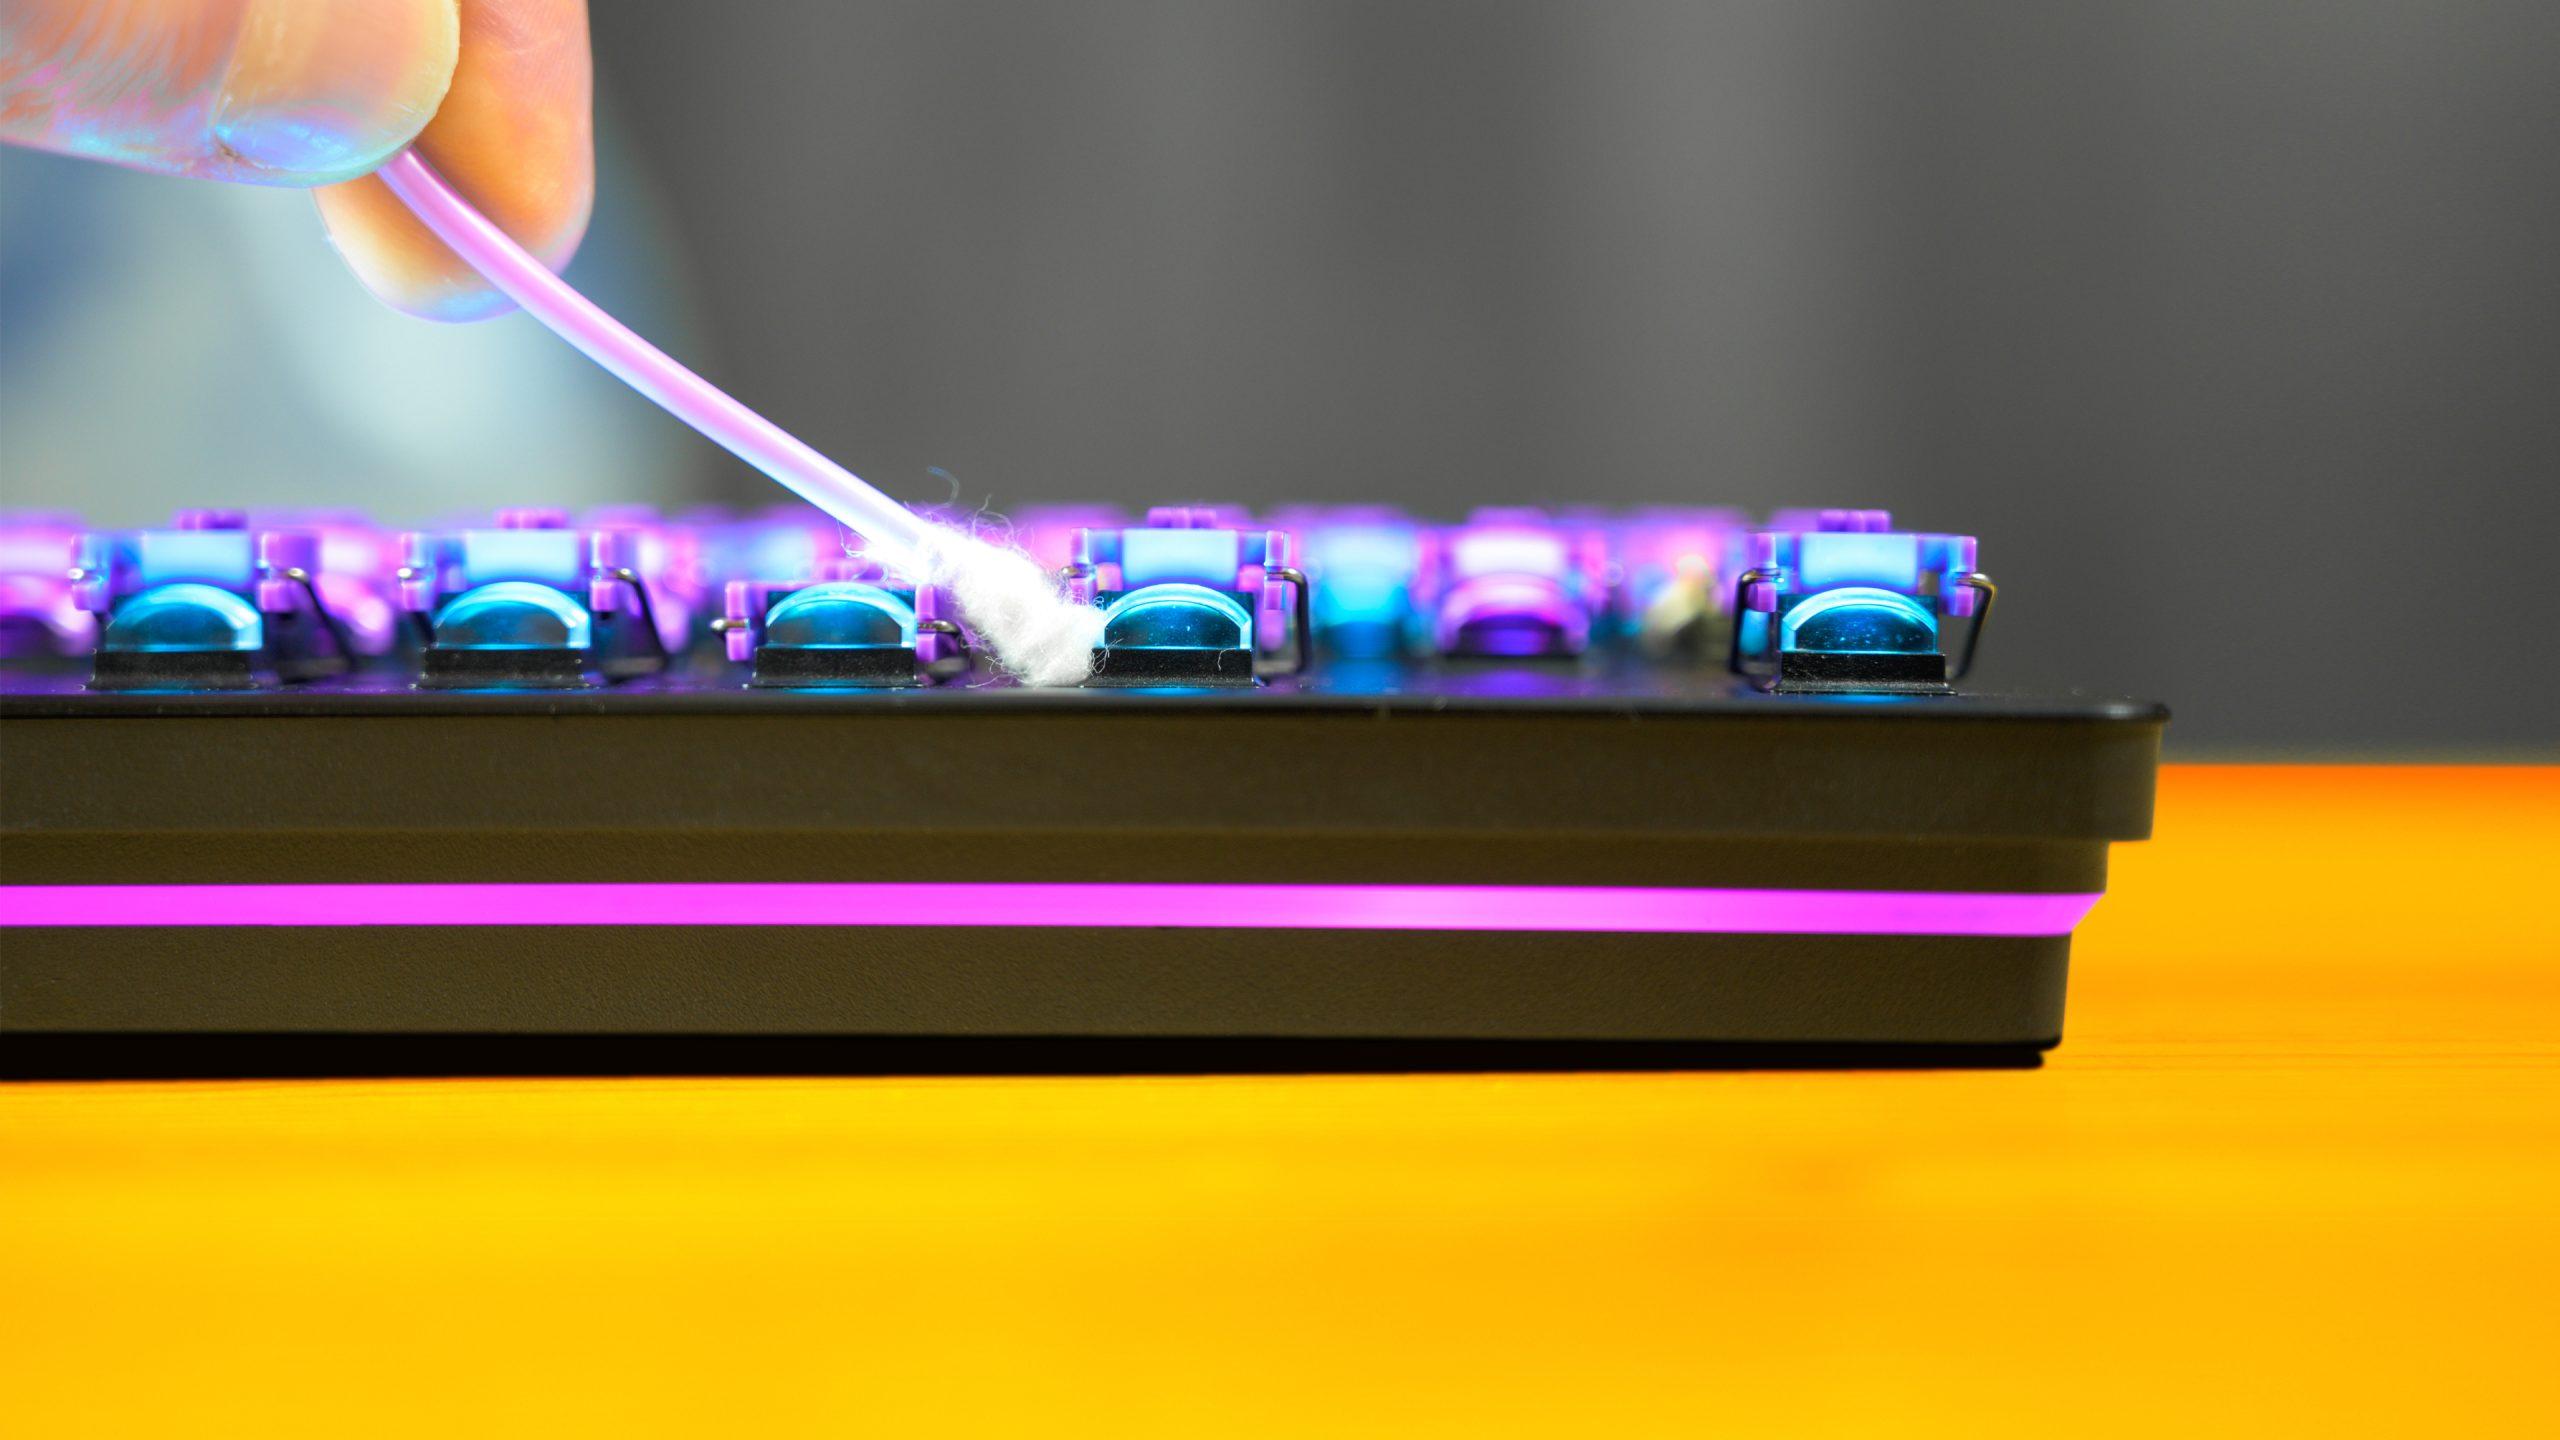 Een mechanisch toetsenbord wordt schoongemaakt met behulp van een wattenstaafje.